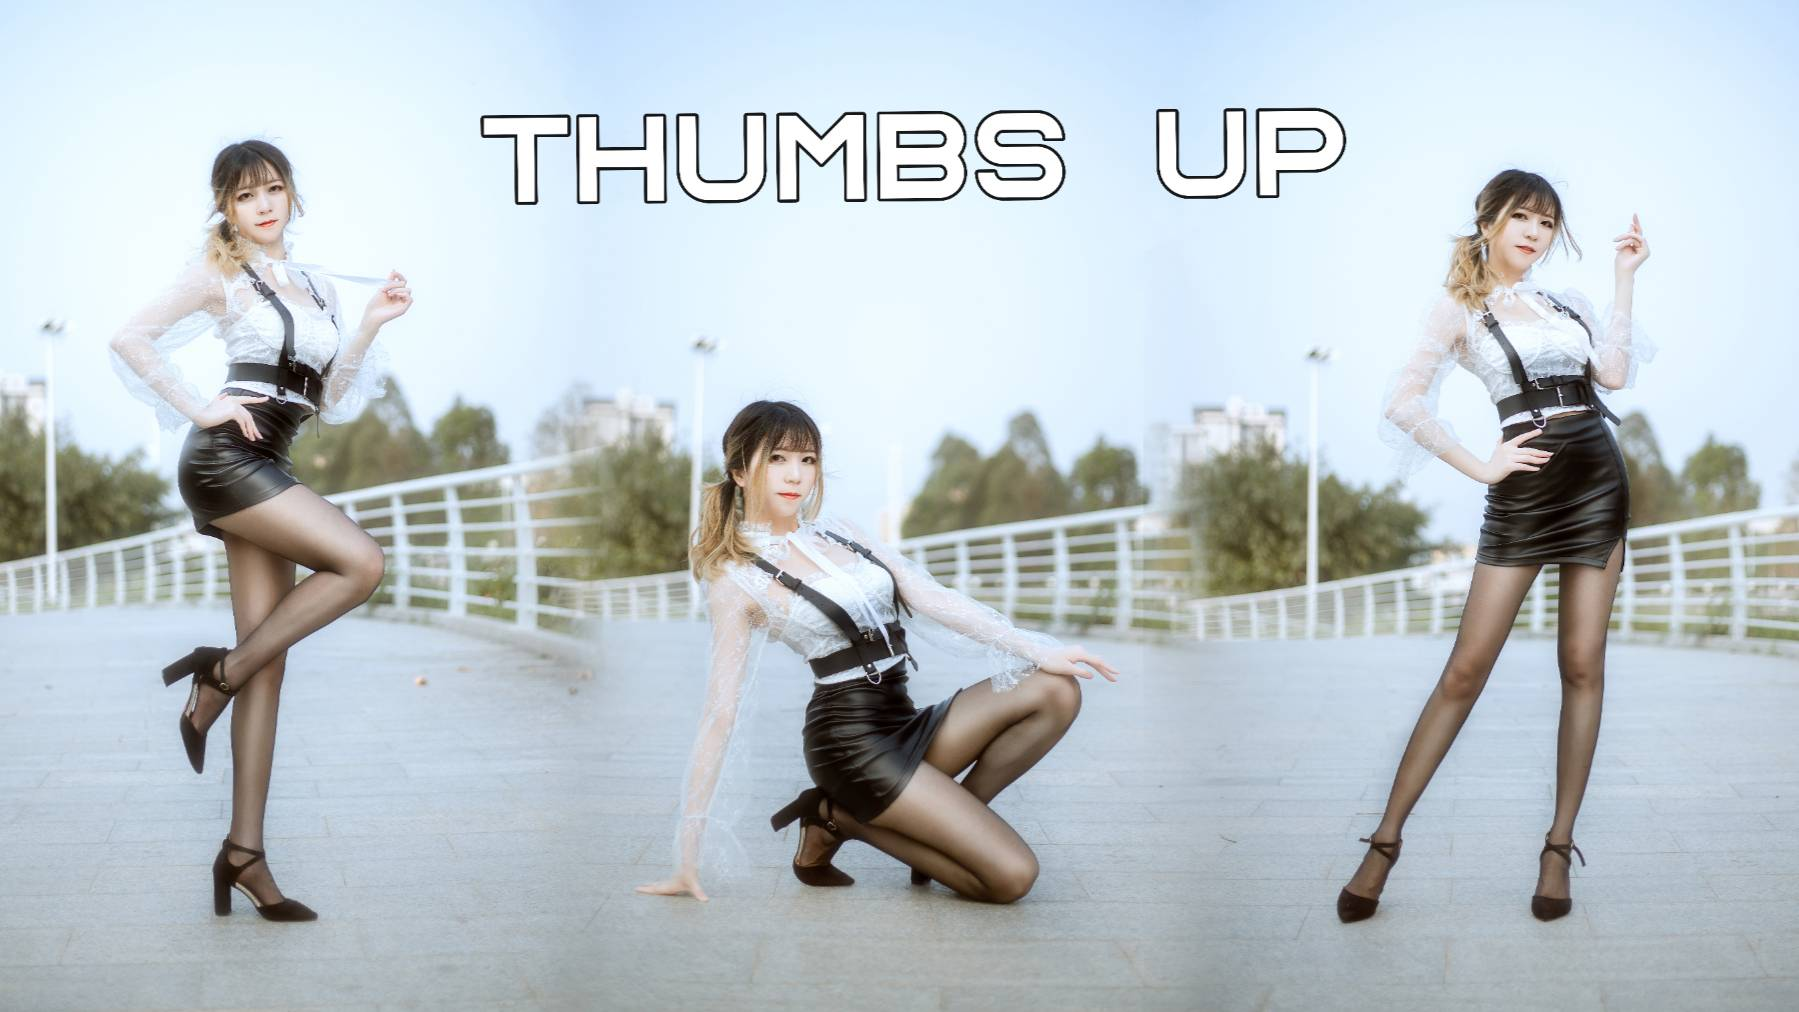 【梓微】瞒着同事下班路上蹦个迪~Thumbs Up